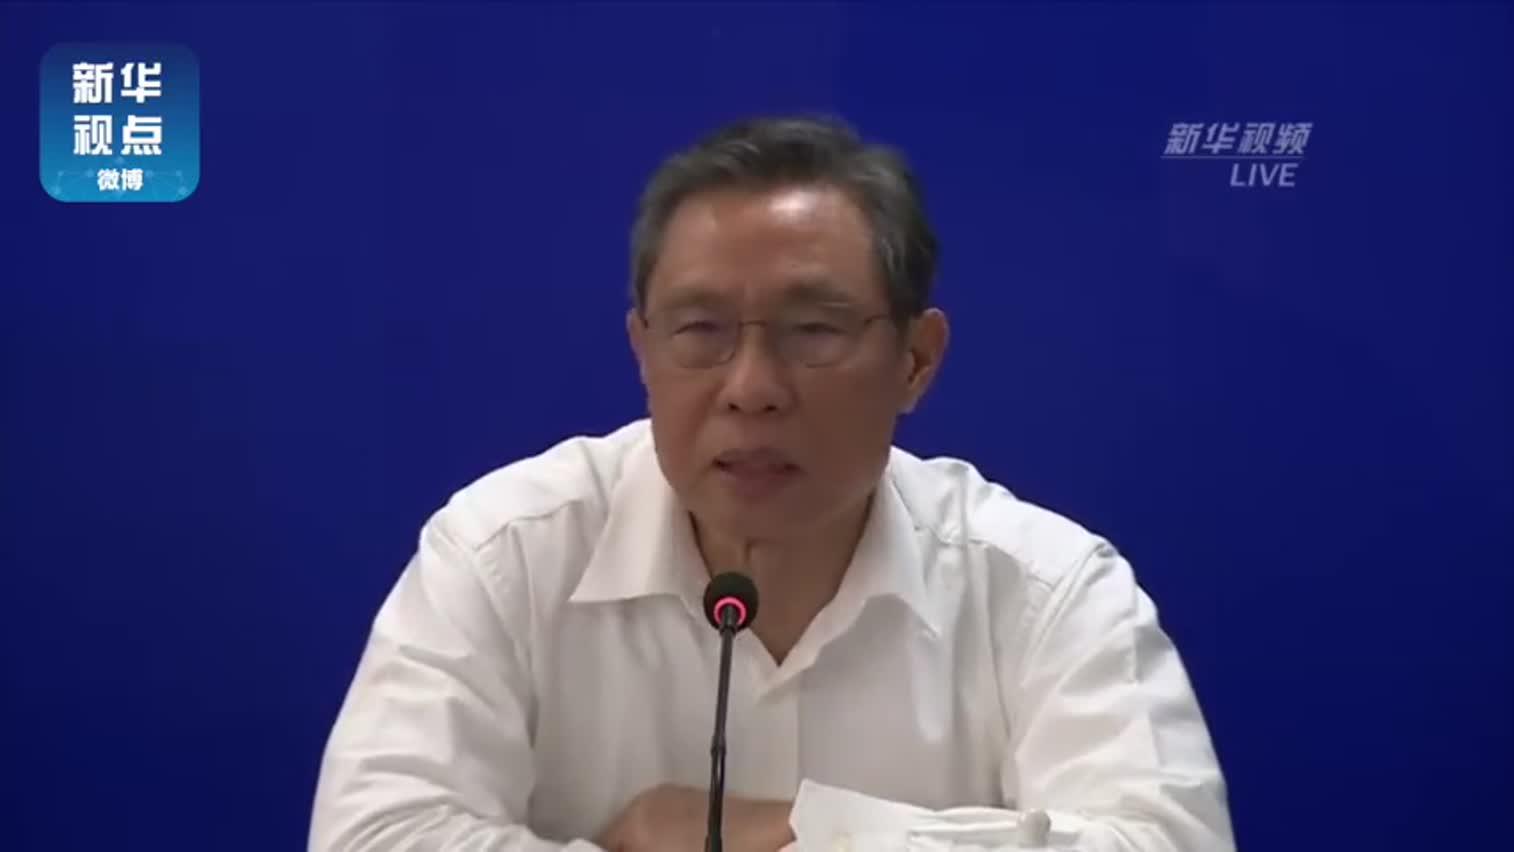 视频|钟南山谈新冠肺炎特点:小气道粘液多阻碍气道